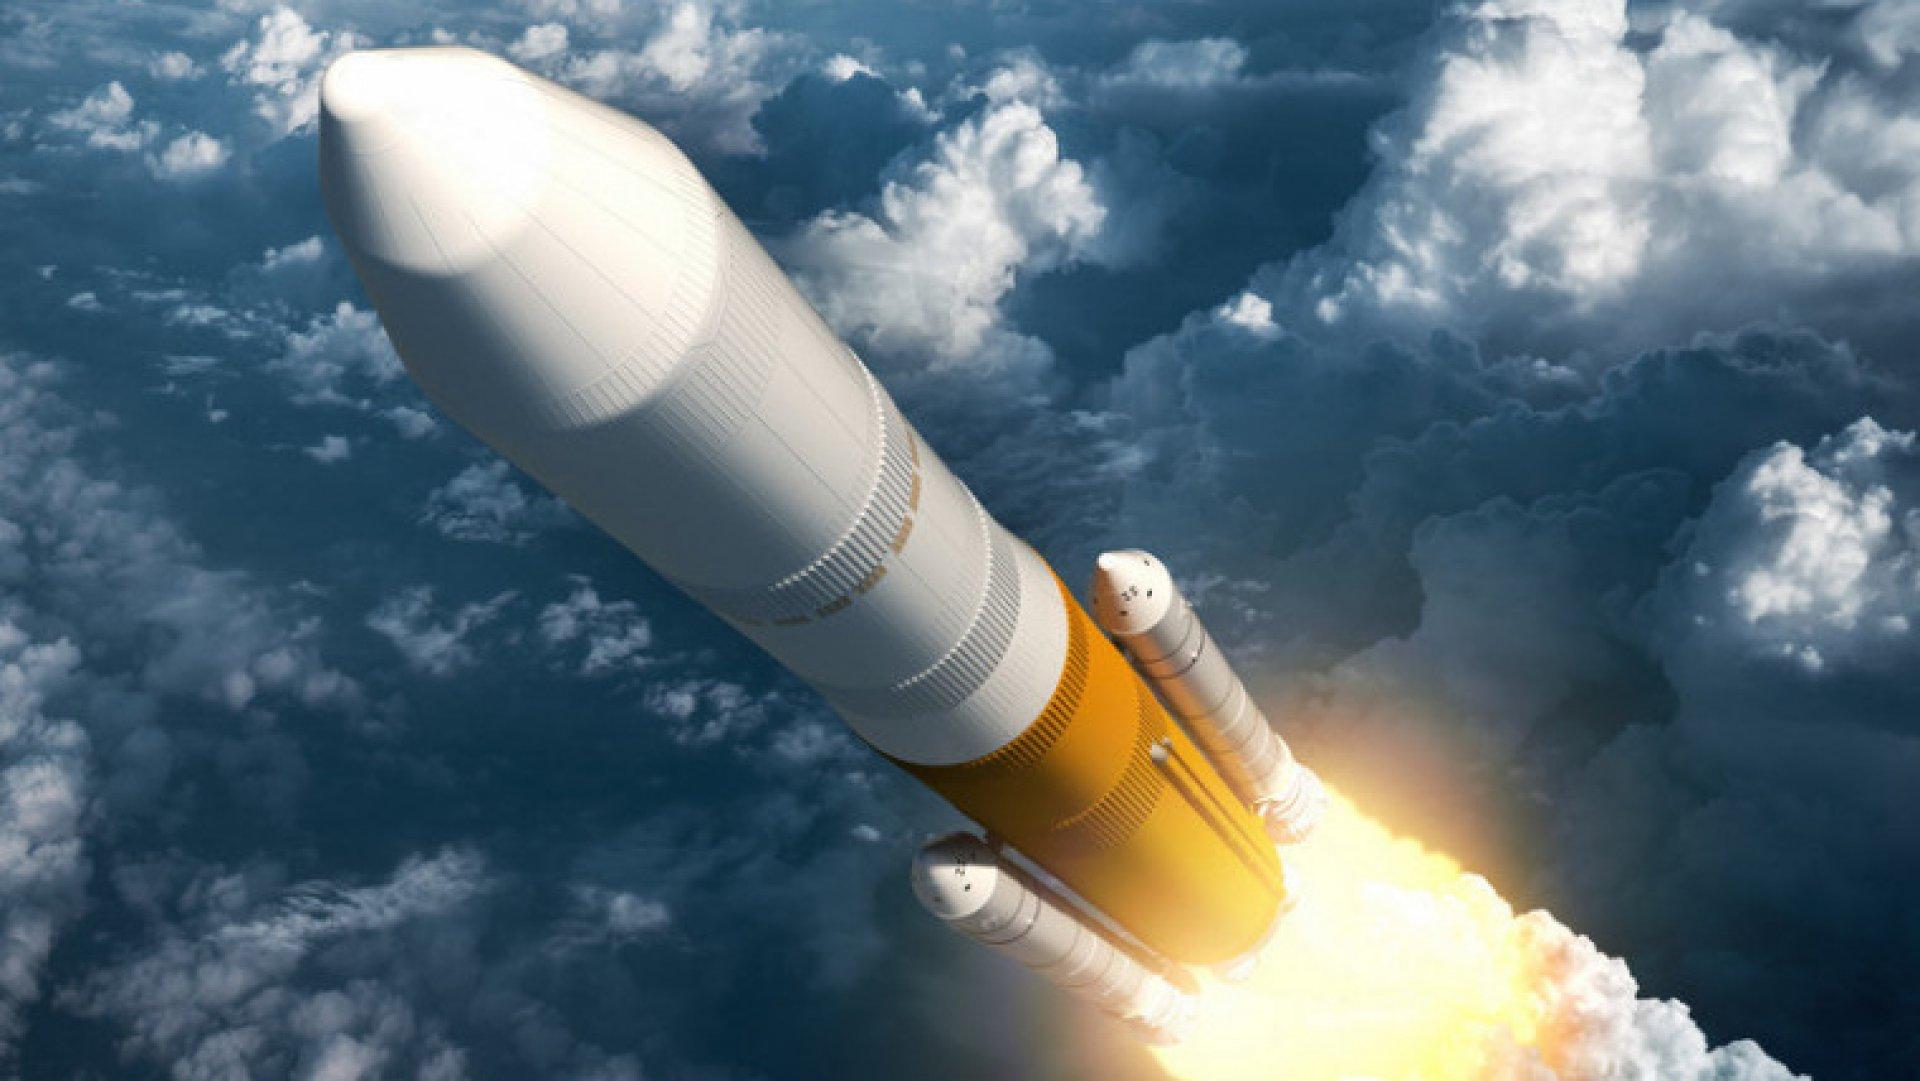 Картинка ракета в небе